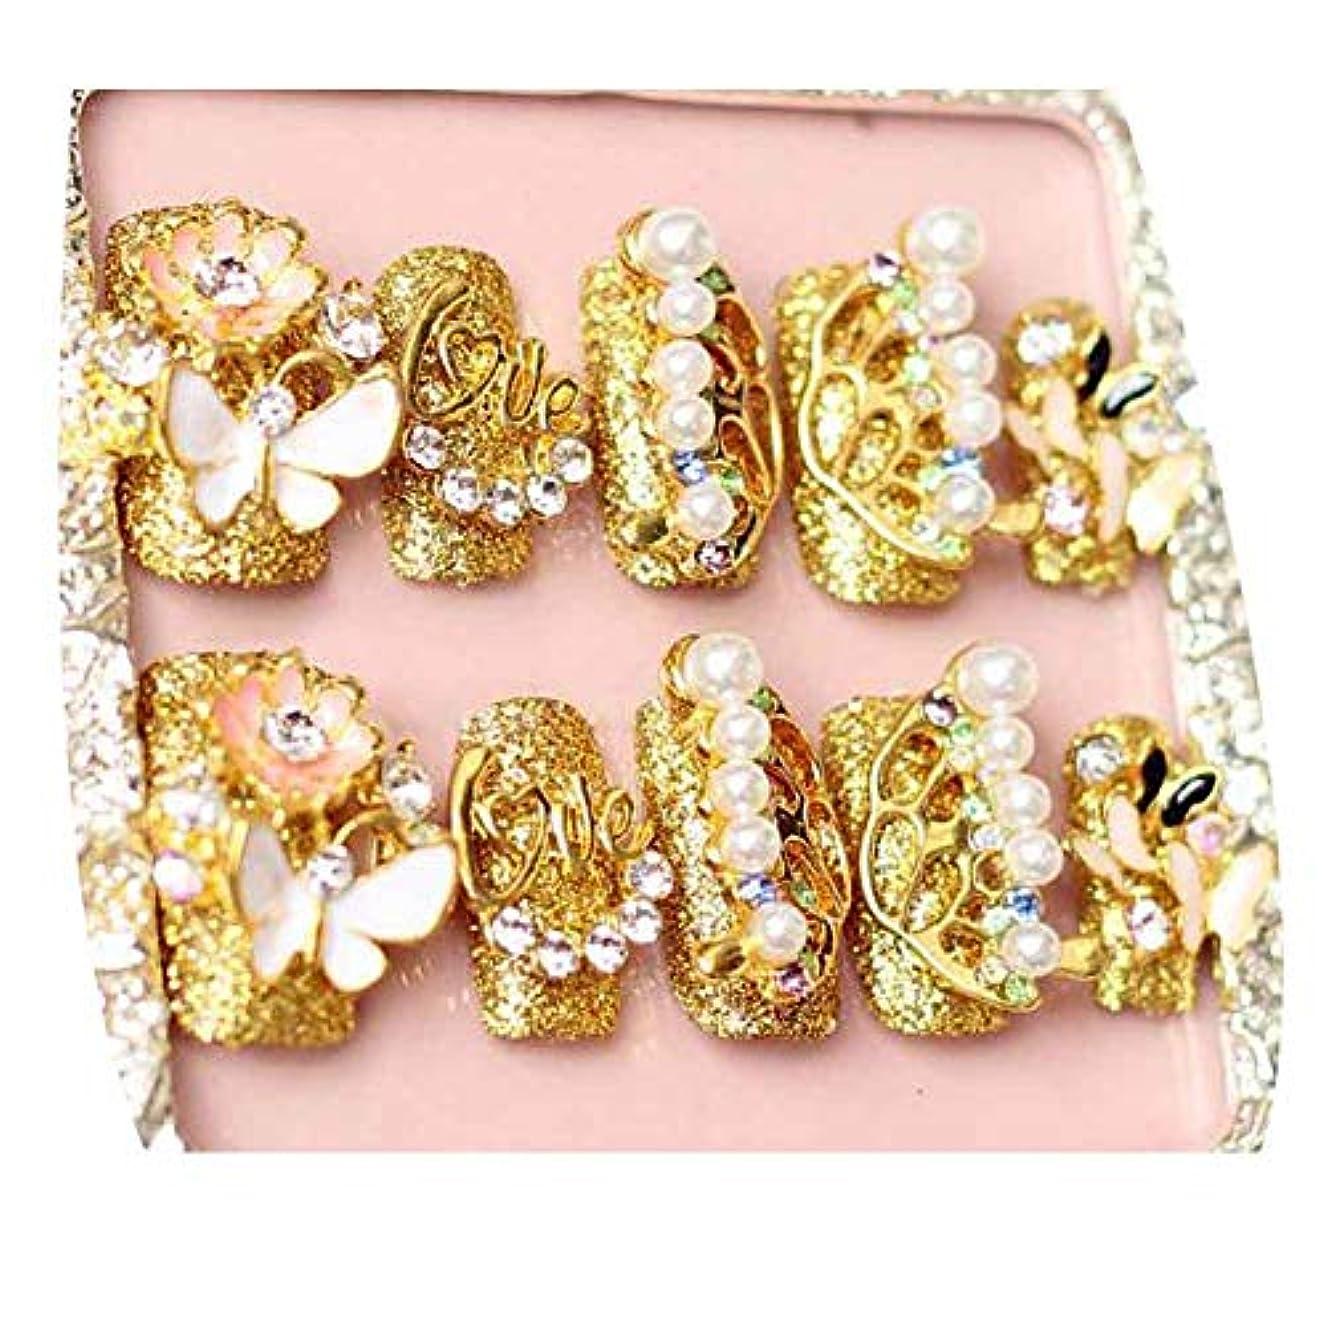 照らす三角抑止する蝶 - ゴールドカラー偽爪結婚式人工爪のヒントビーズネイルアート